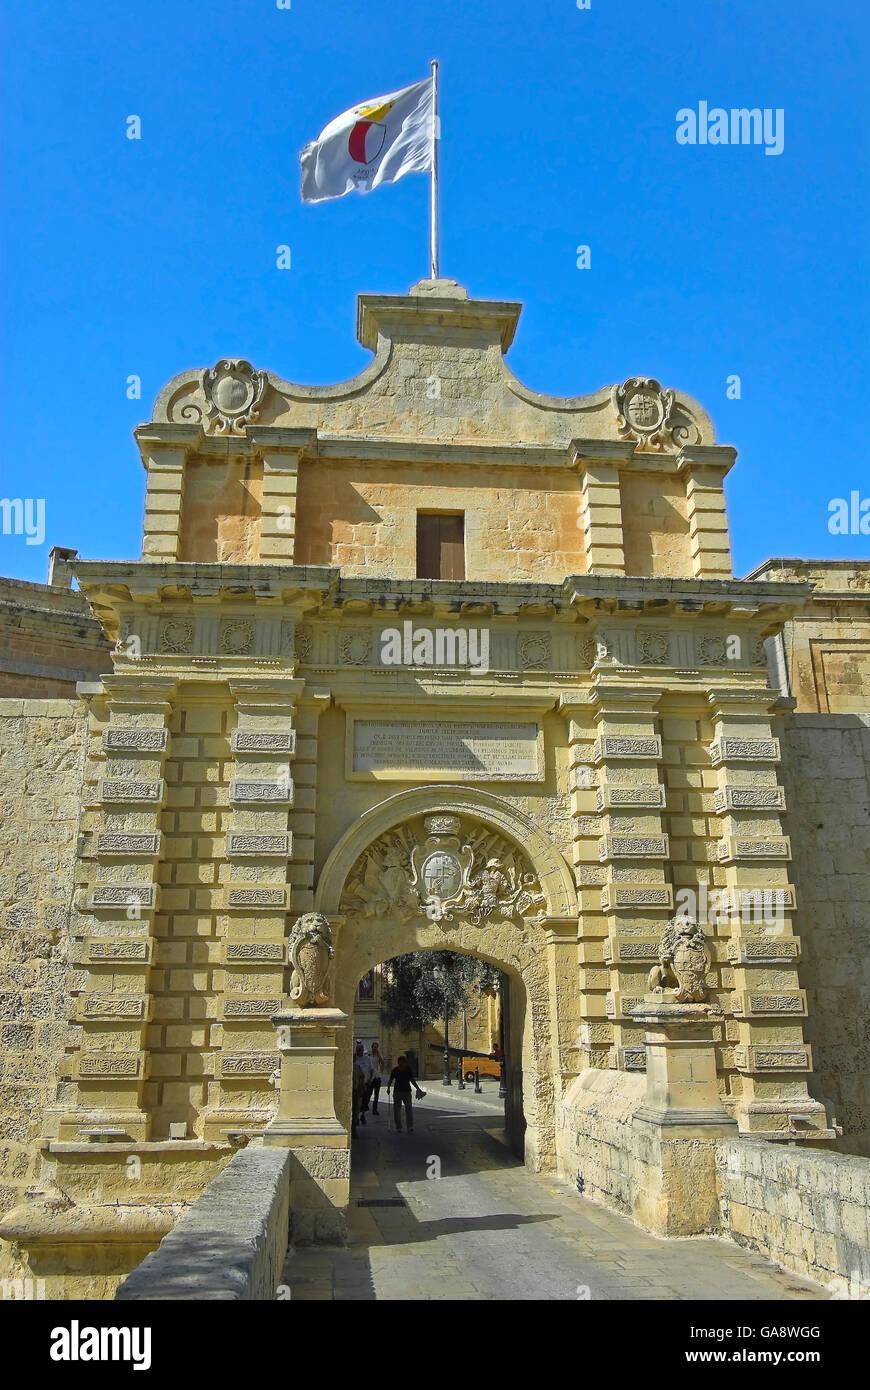 Malta, Mdina - cancello principale Immagini Stock